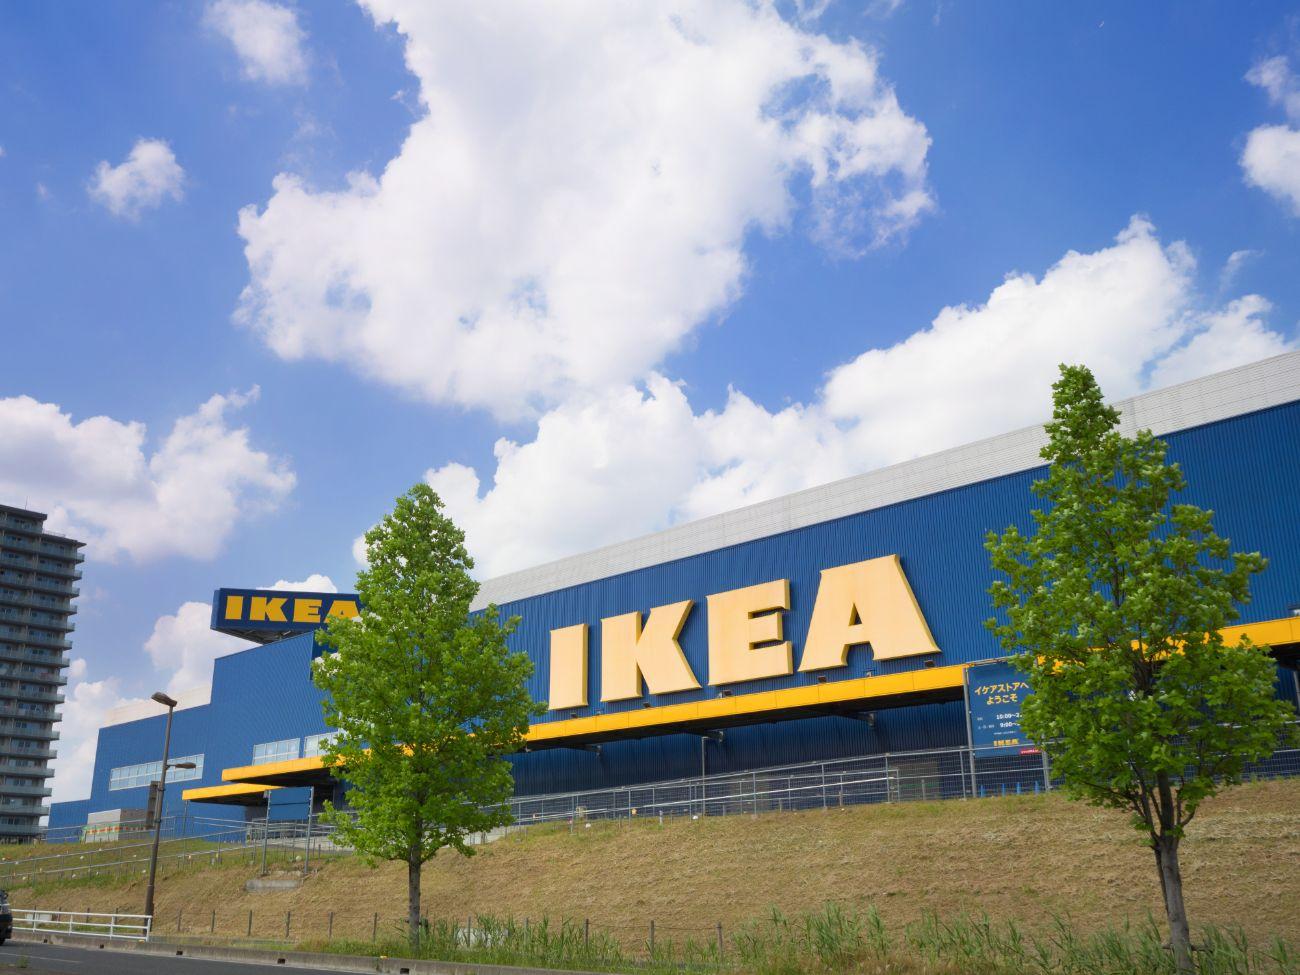 ツイッターをやっているママ40人がIKEAに集結 売り場を体験し、40万延べリーチの波及